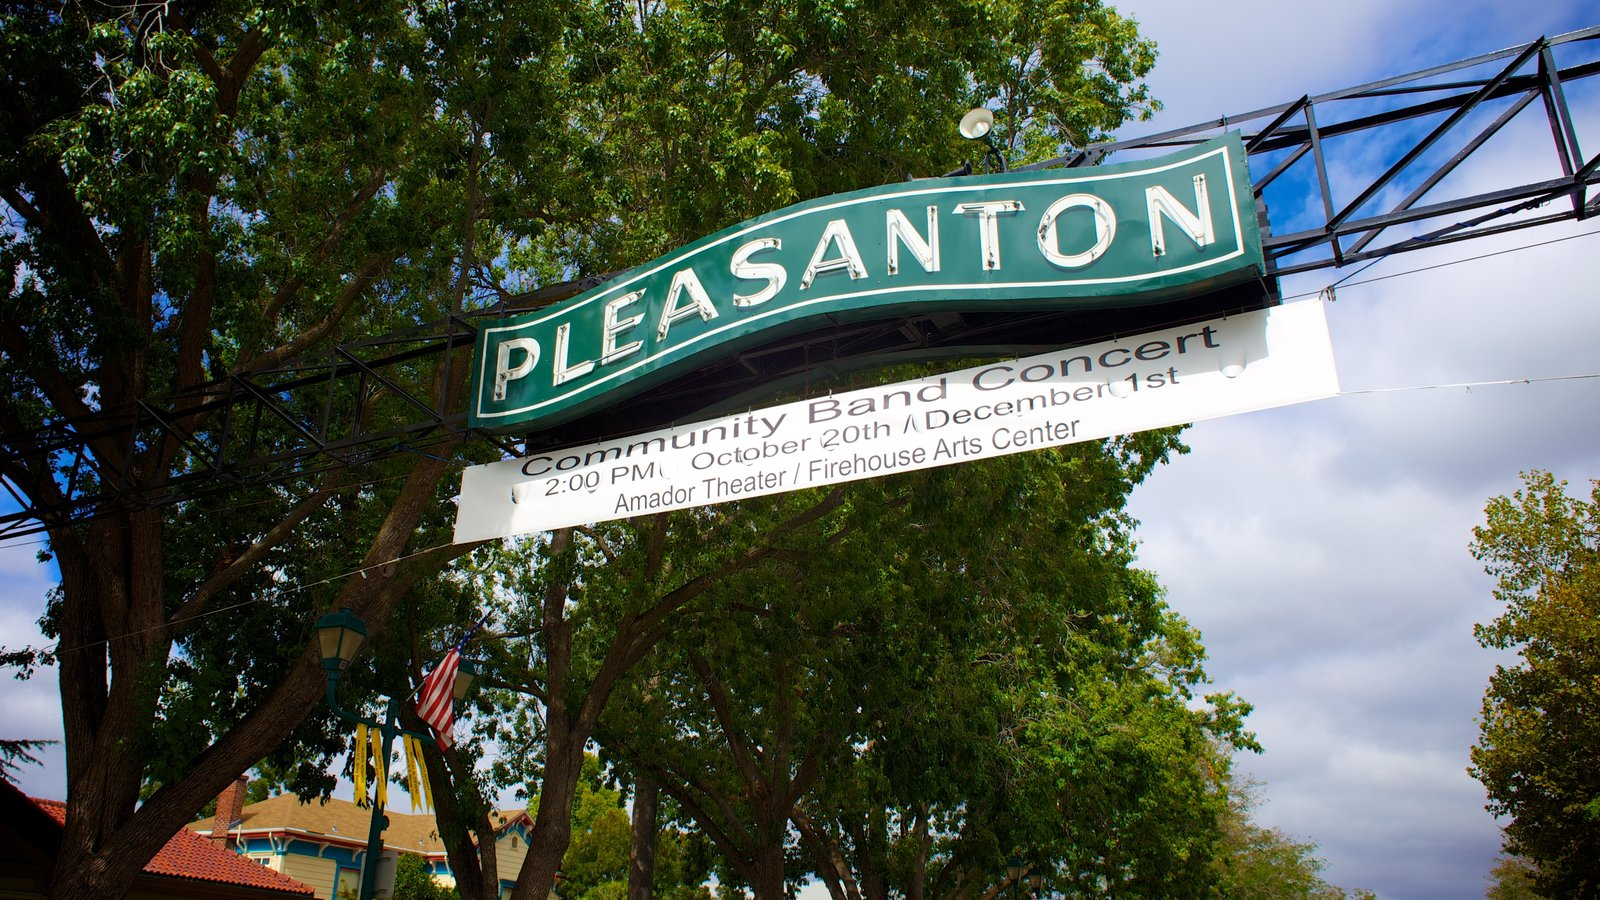 Pleasanton que inclui sinalização